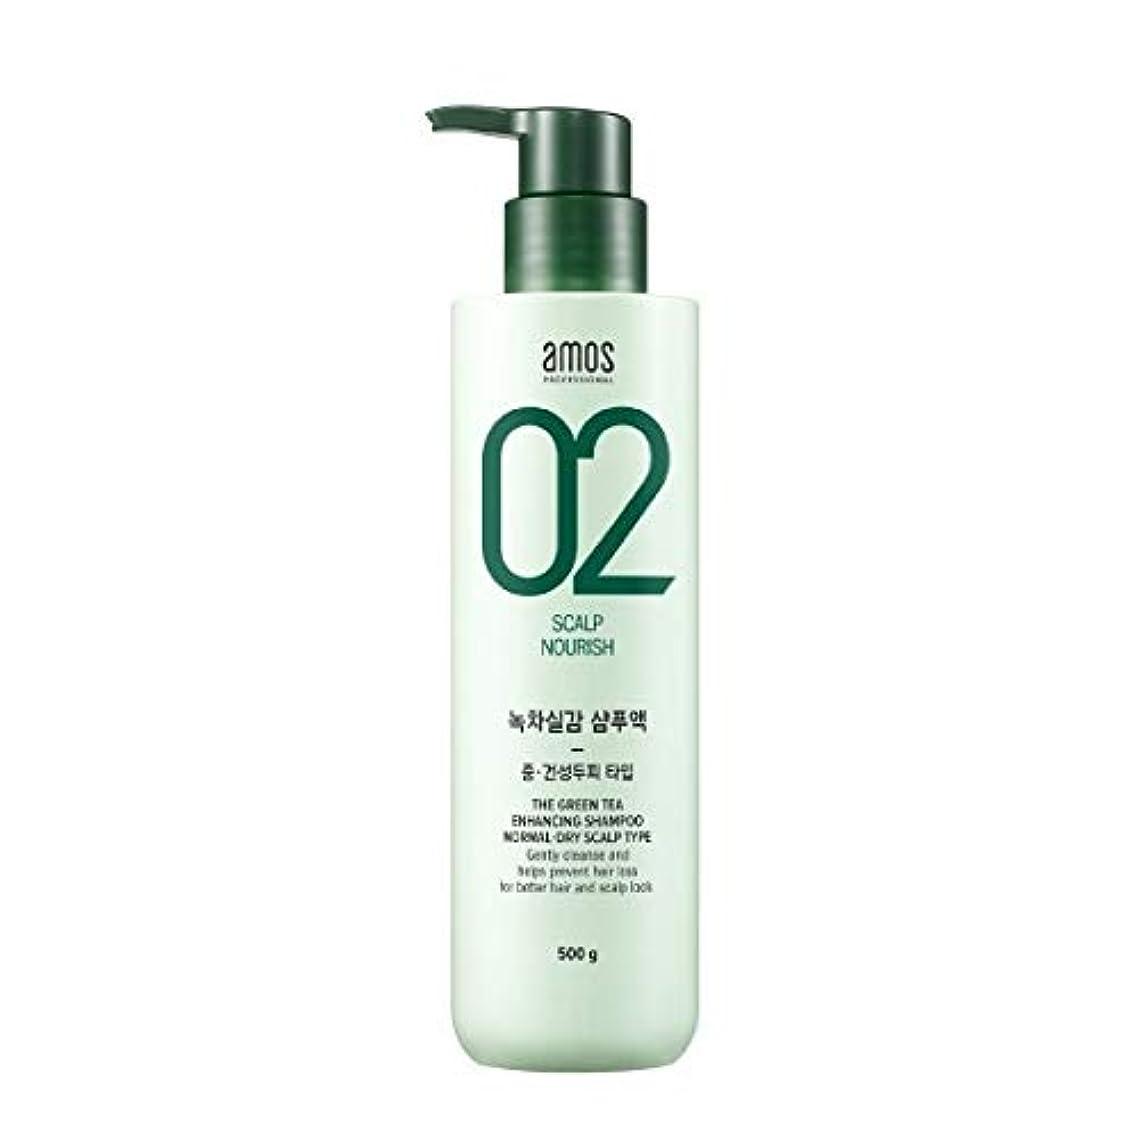 研究所皮壮大なAmos Green Tea Enhancing Shampoo - Normal, Dry 500g / アモス ザ グリーンティー エンハンシング シャンプー # ノーマルドライ スカルプタイプ [並行輸入品]